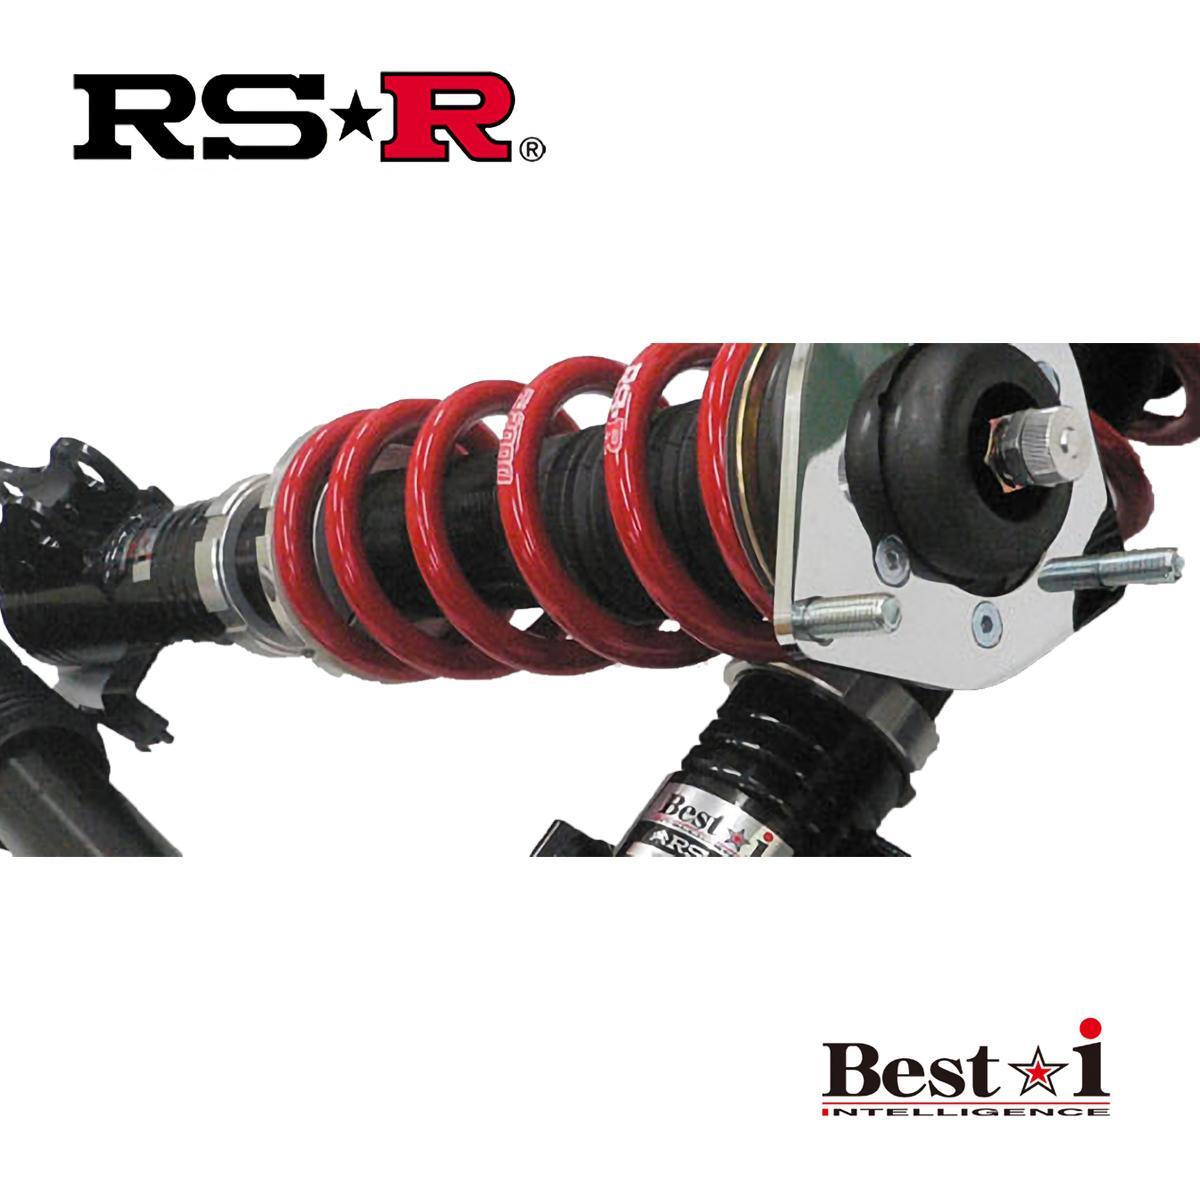 RS-R プリウス A ZVW55 車高調 リア車高調整:ネジ式/ソフトバネレート仕様 BIT582S ベストi RSR 個人宅発送追金有